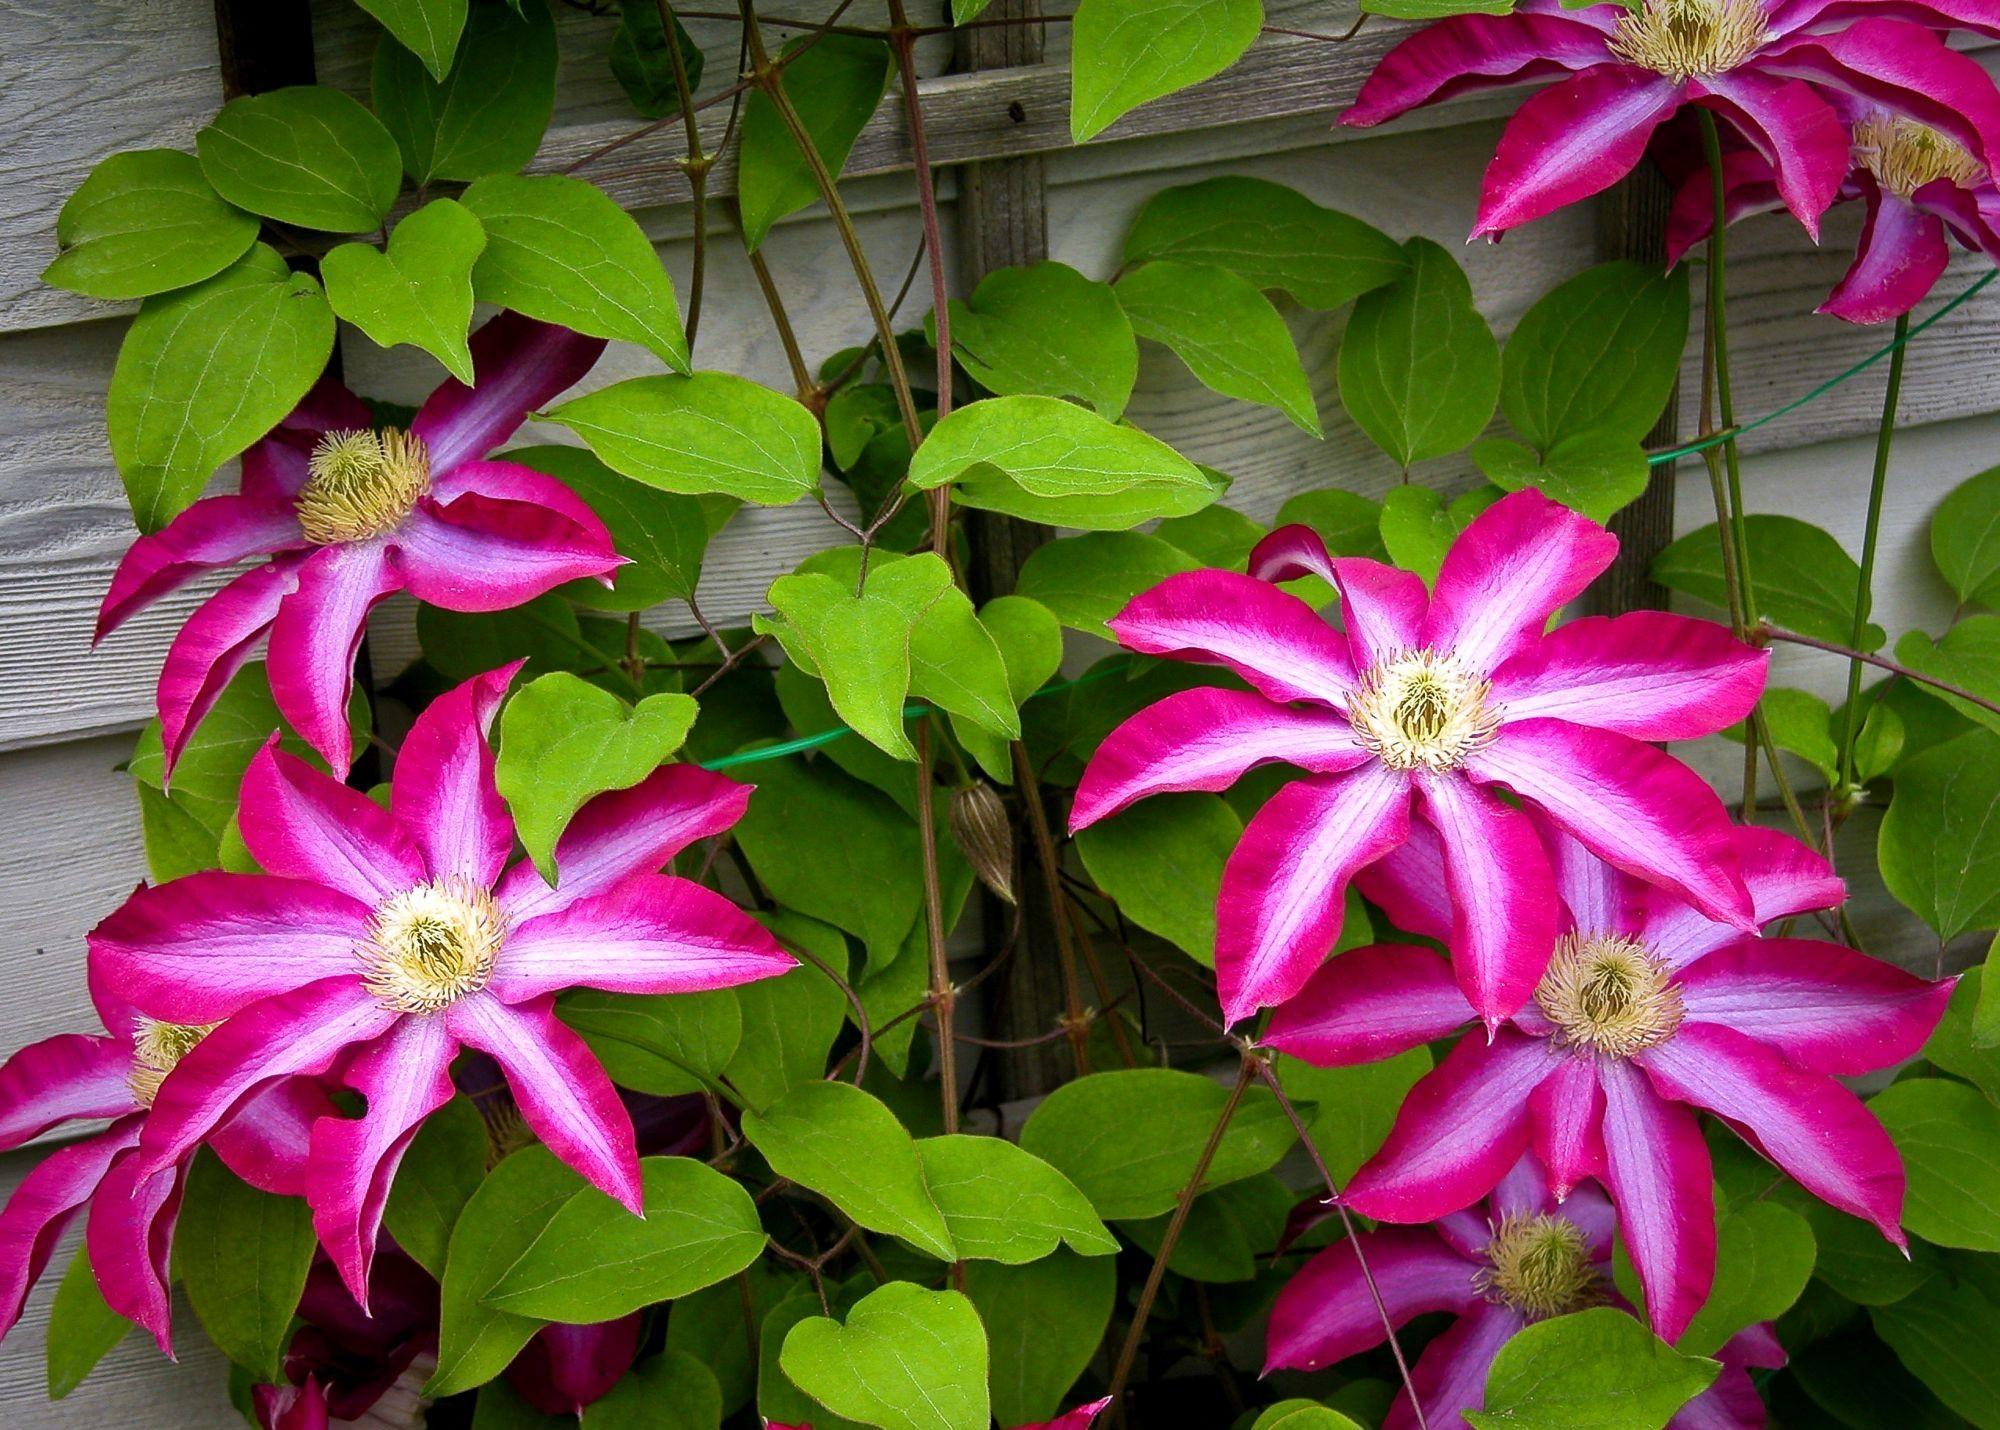 54826 Hintergrundbild herunterladen Blumen, Blätter, Bindweed, Blühen, Blühenden, Wand, Klematis, Clematis - Bildschirmschoner und Bilder kostenlos